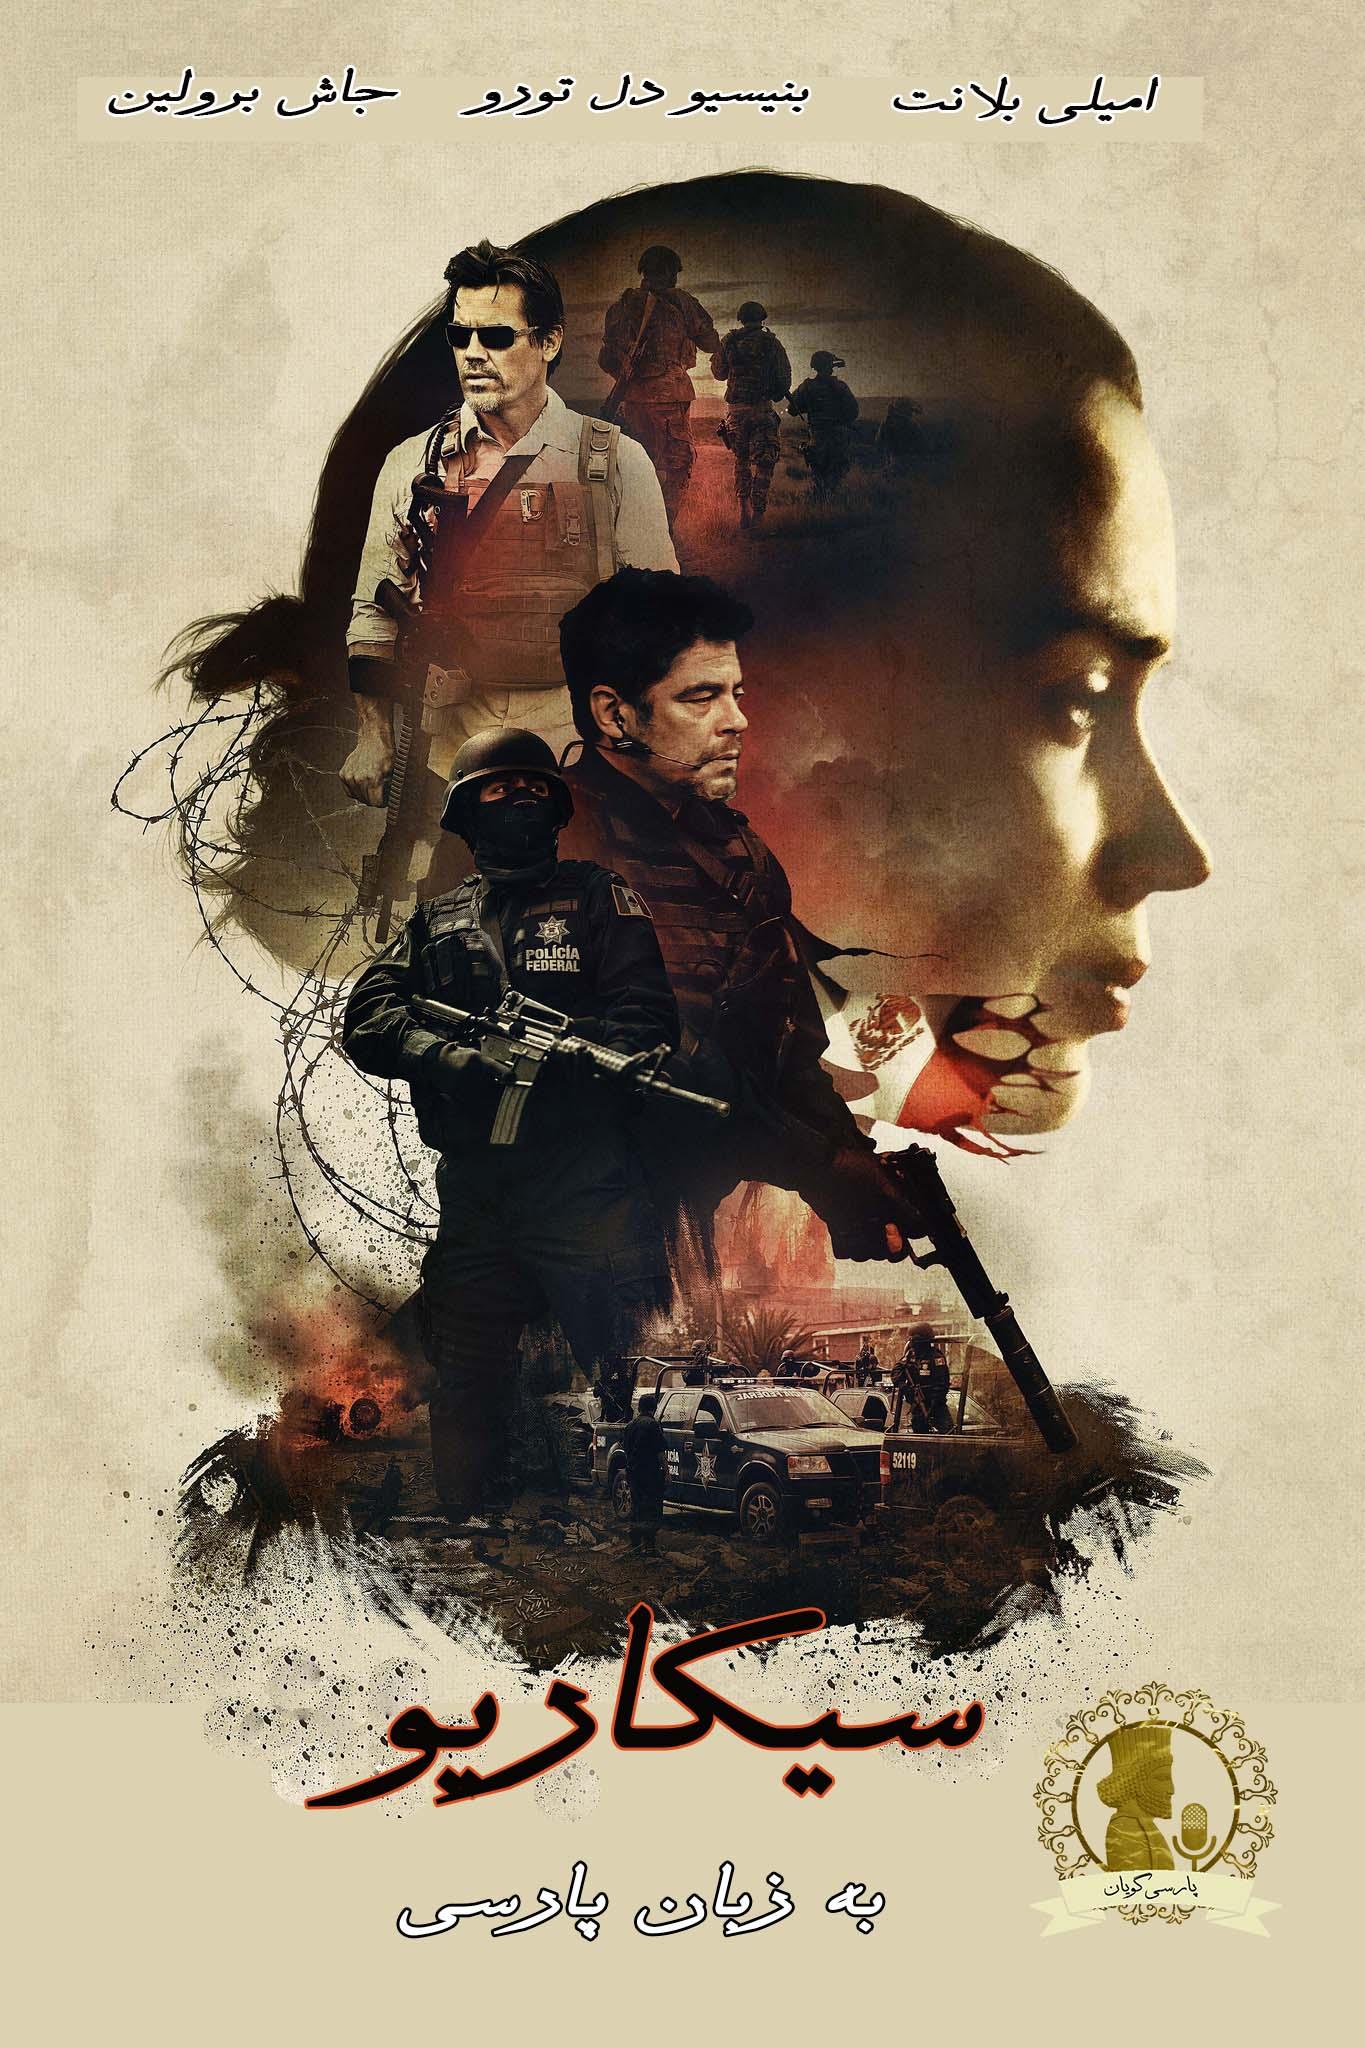 دانلود فیلم سیکاریو 2015 دوبله فارسی و سانسور شده